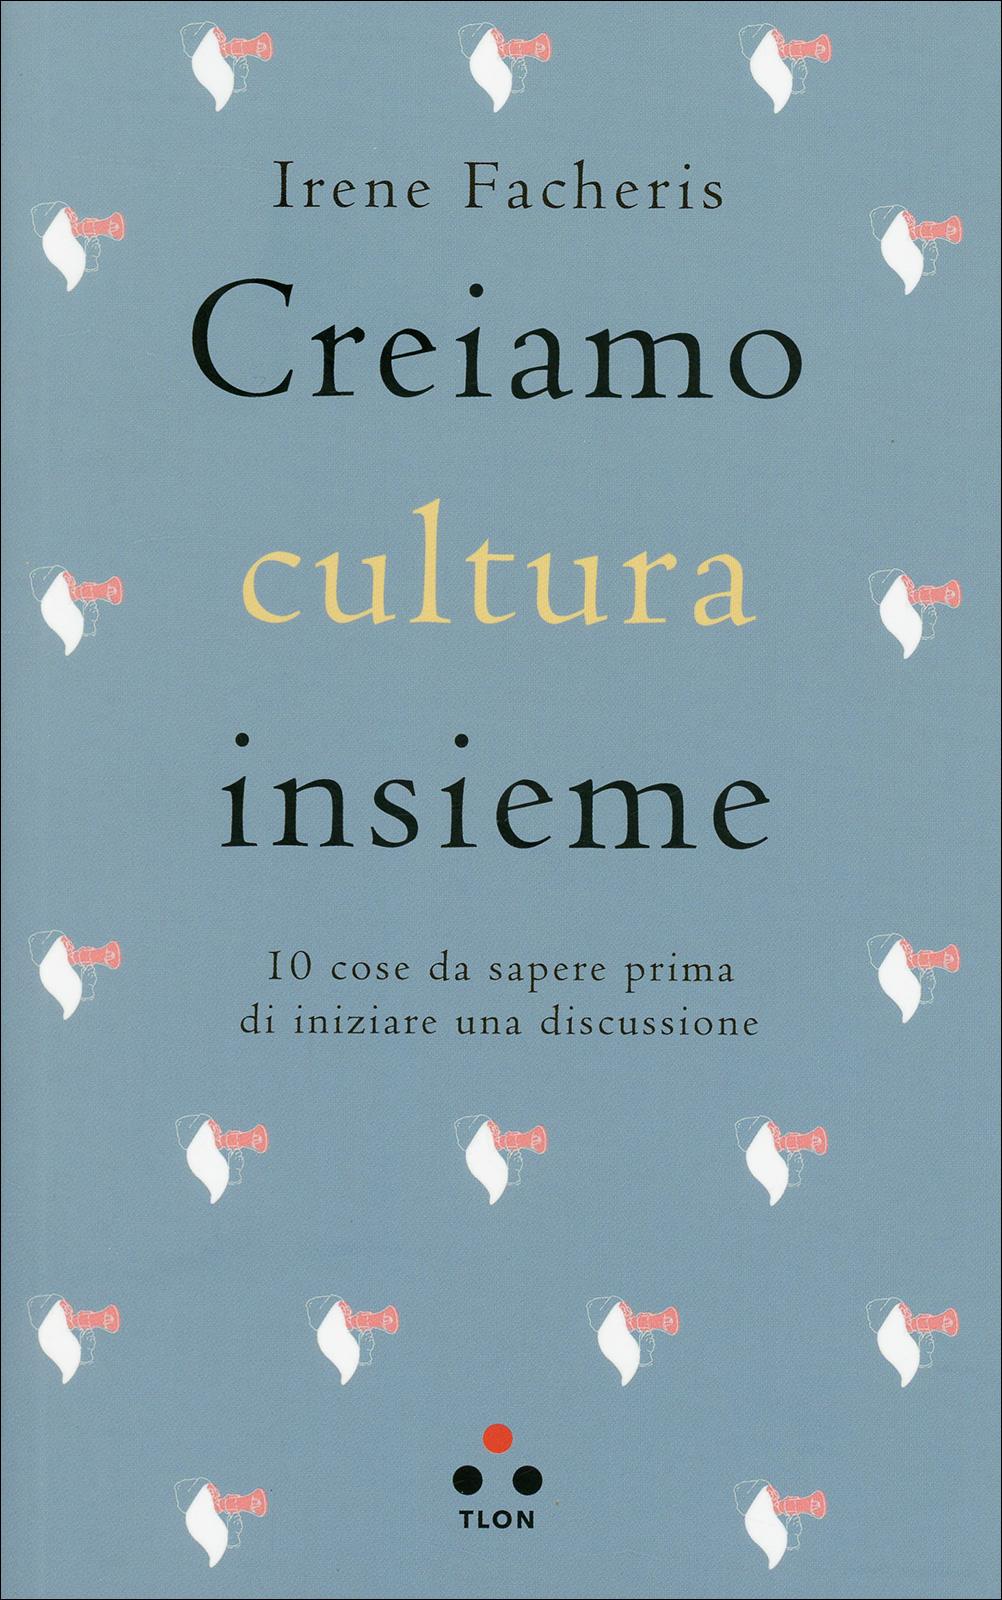 Creiamo cultura assieme – Irene Facheris